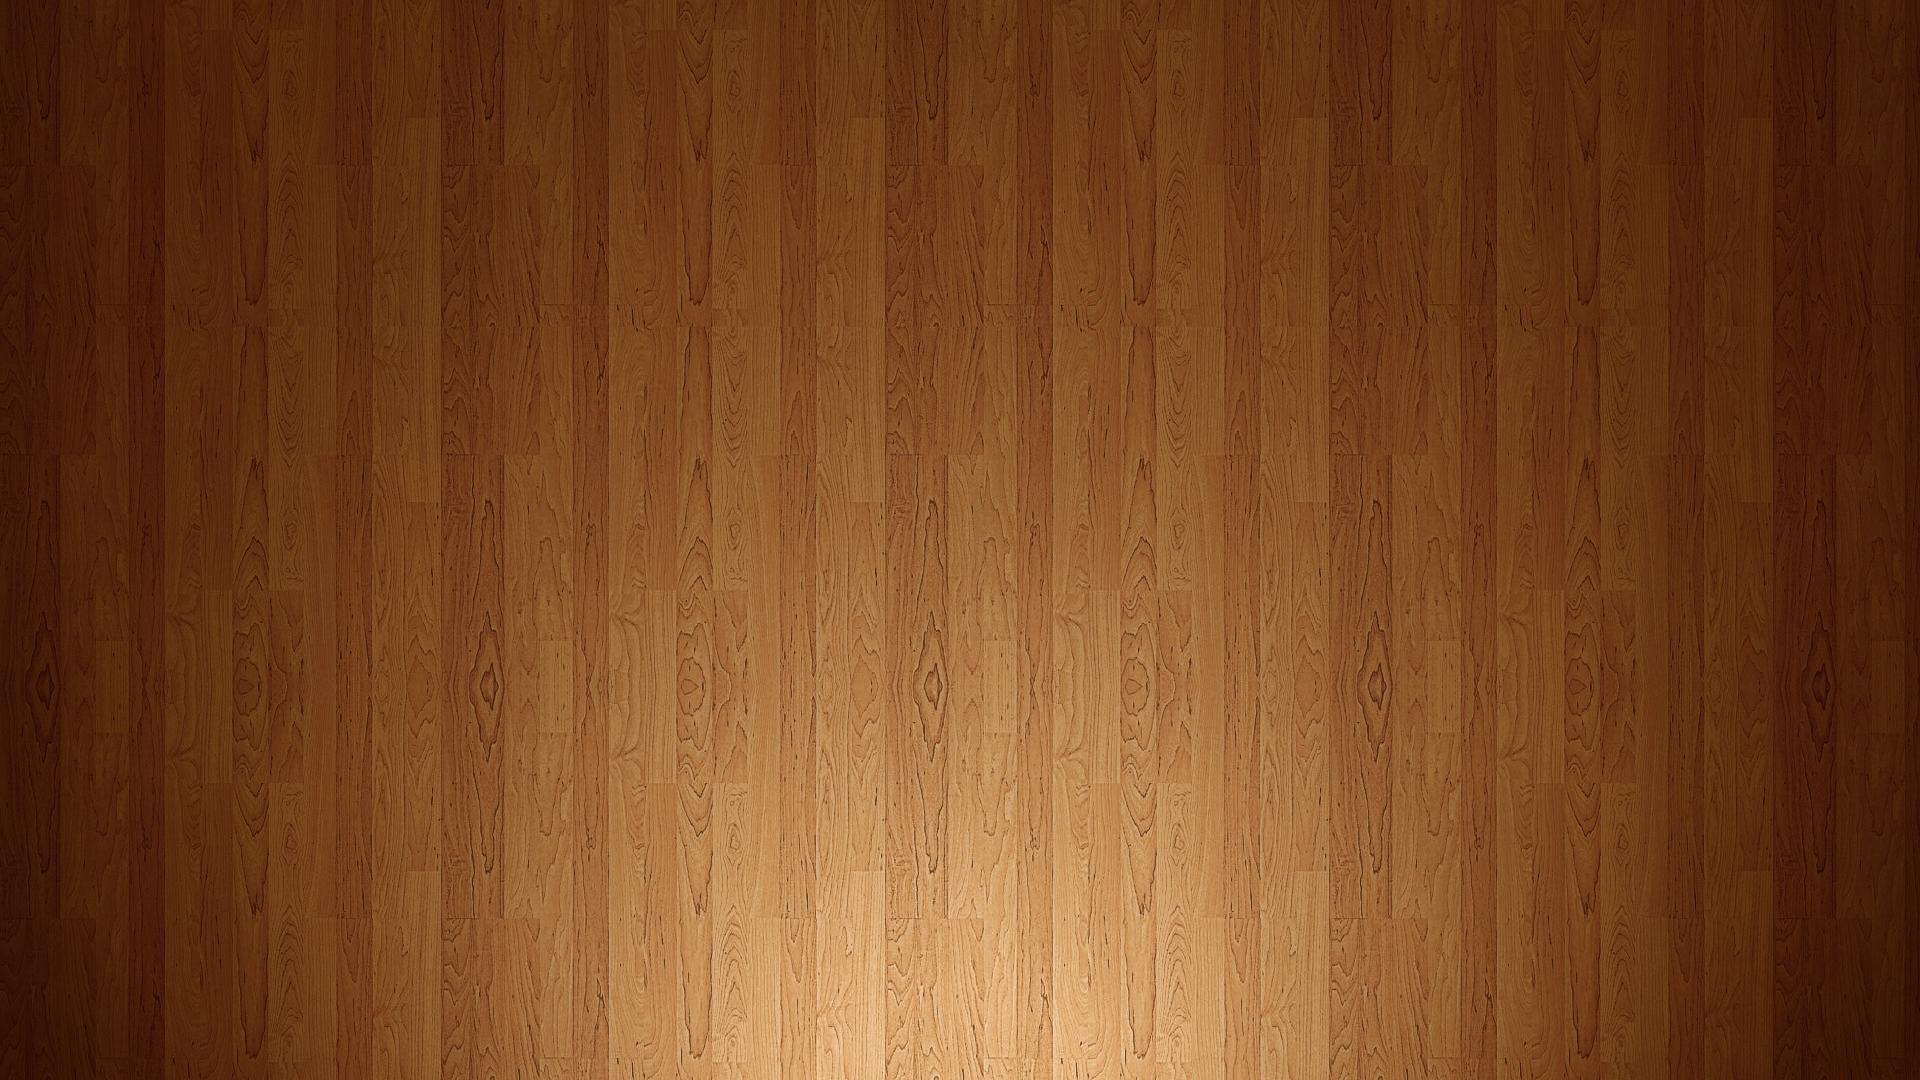 Wood Panels Wallpaper 1920x1080 Wood Panels 1920x1080